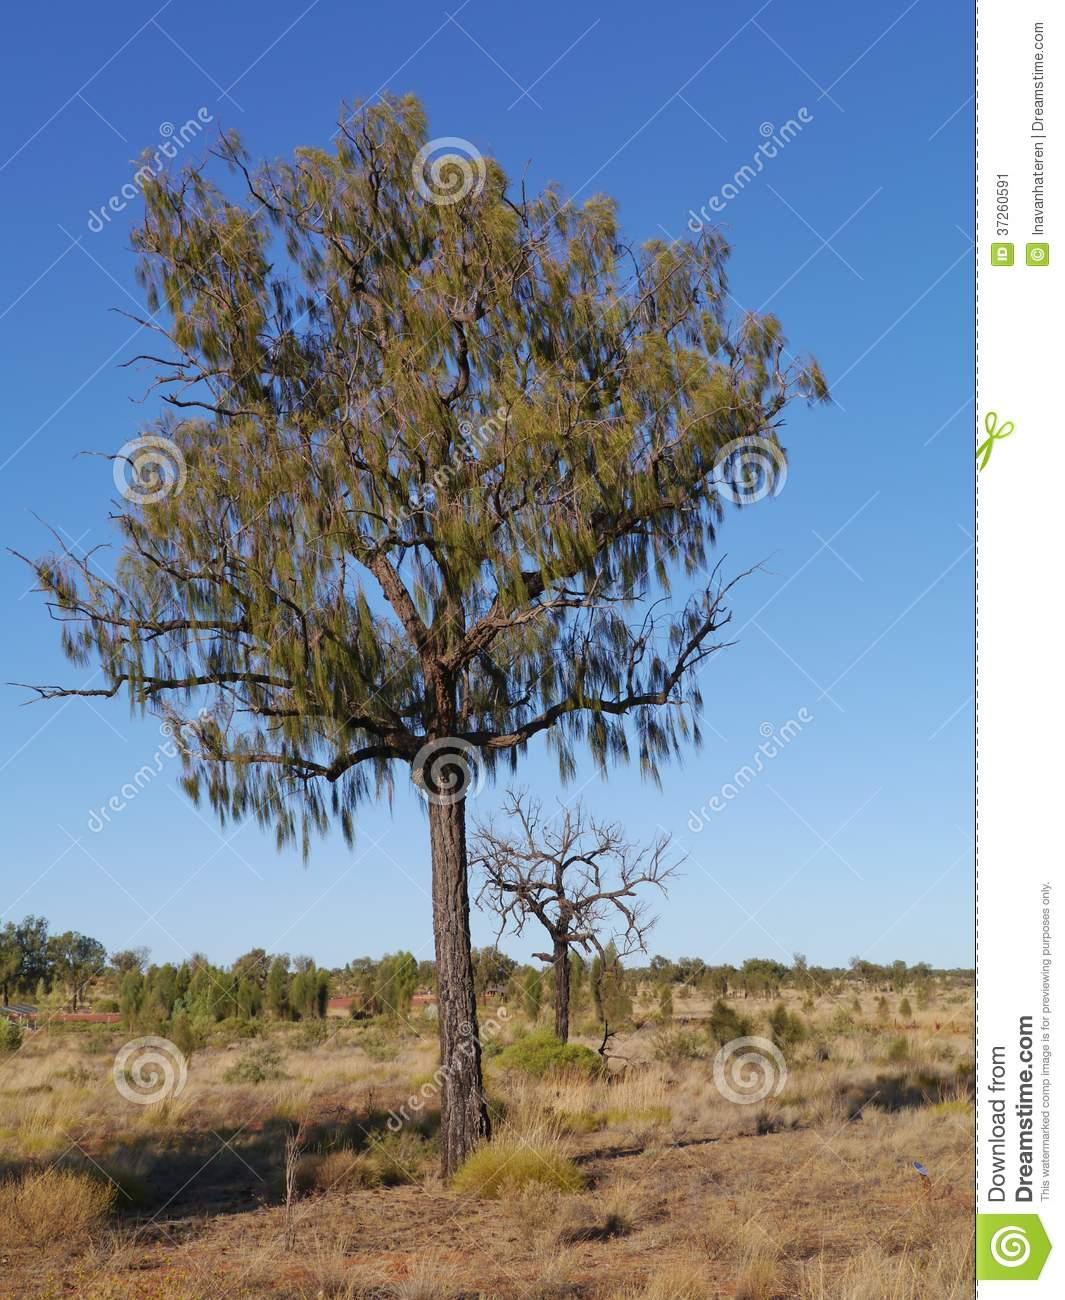 Desert Oak In The Outback Of Australia Stock Image.